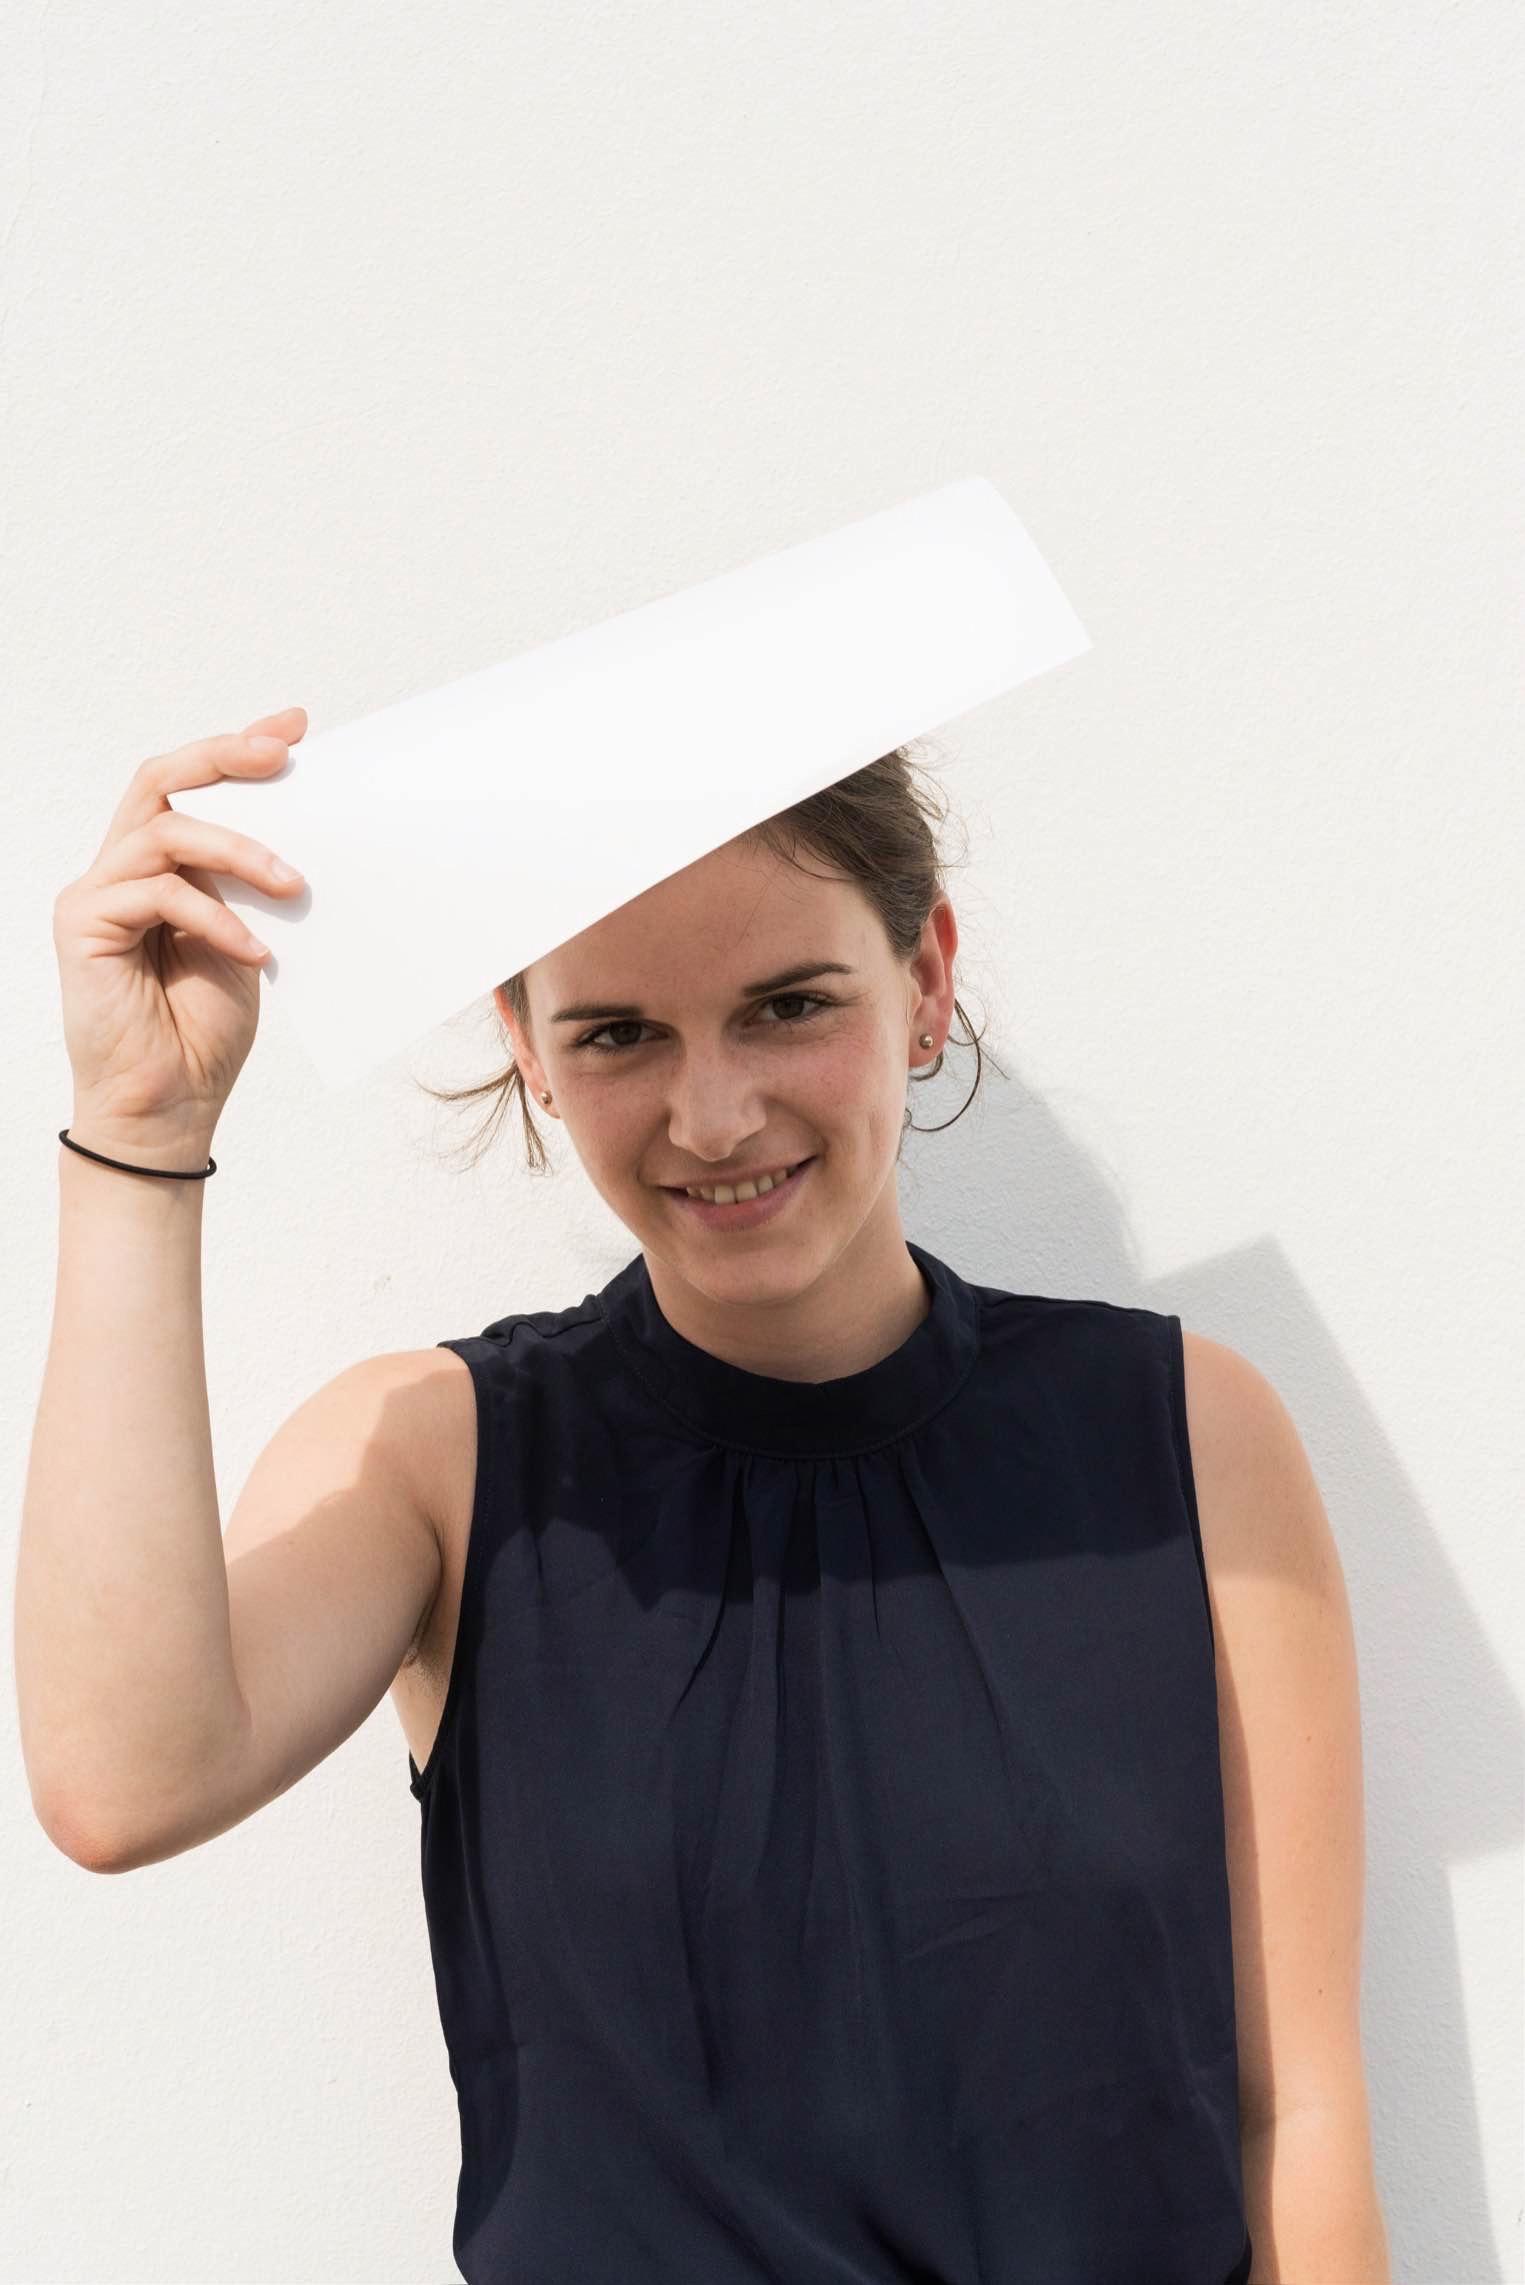 Porträt von Helena Jordan; Helena lacht und hält ein weißes Papier über ihre Stirn als Sonnenschutz